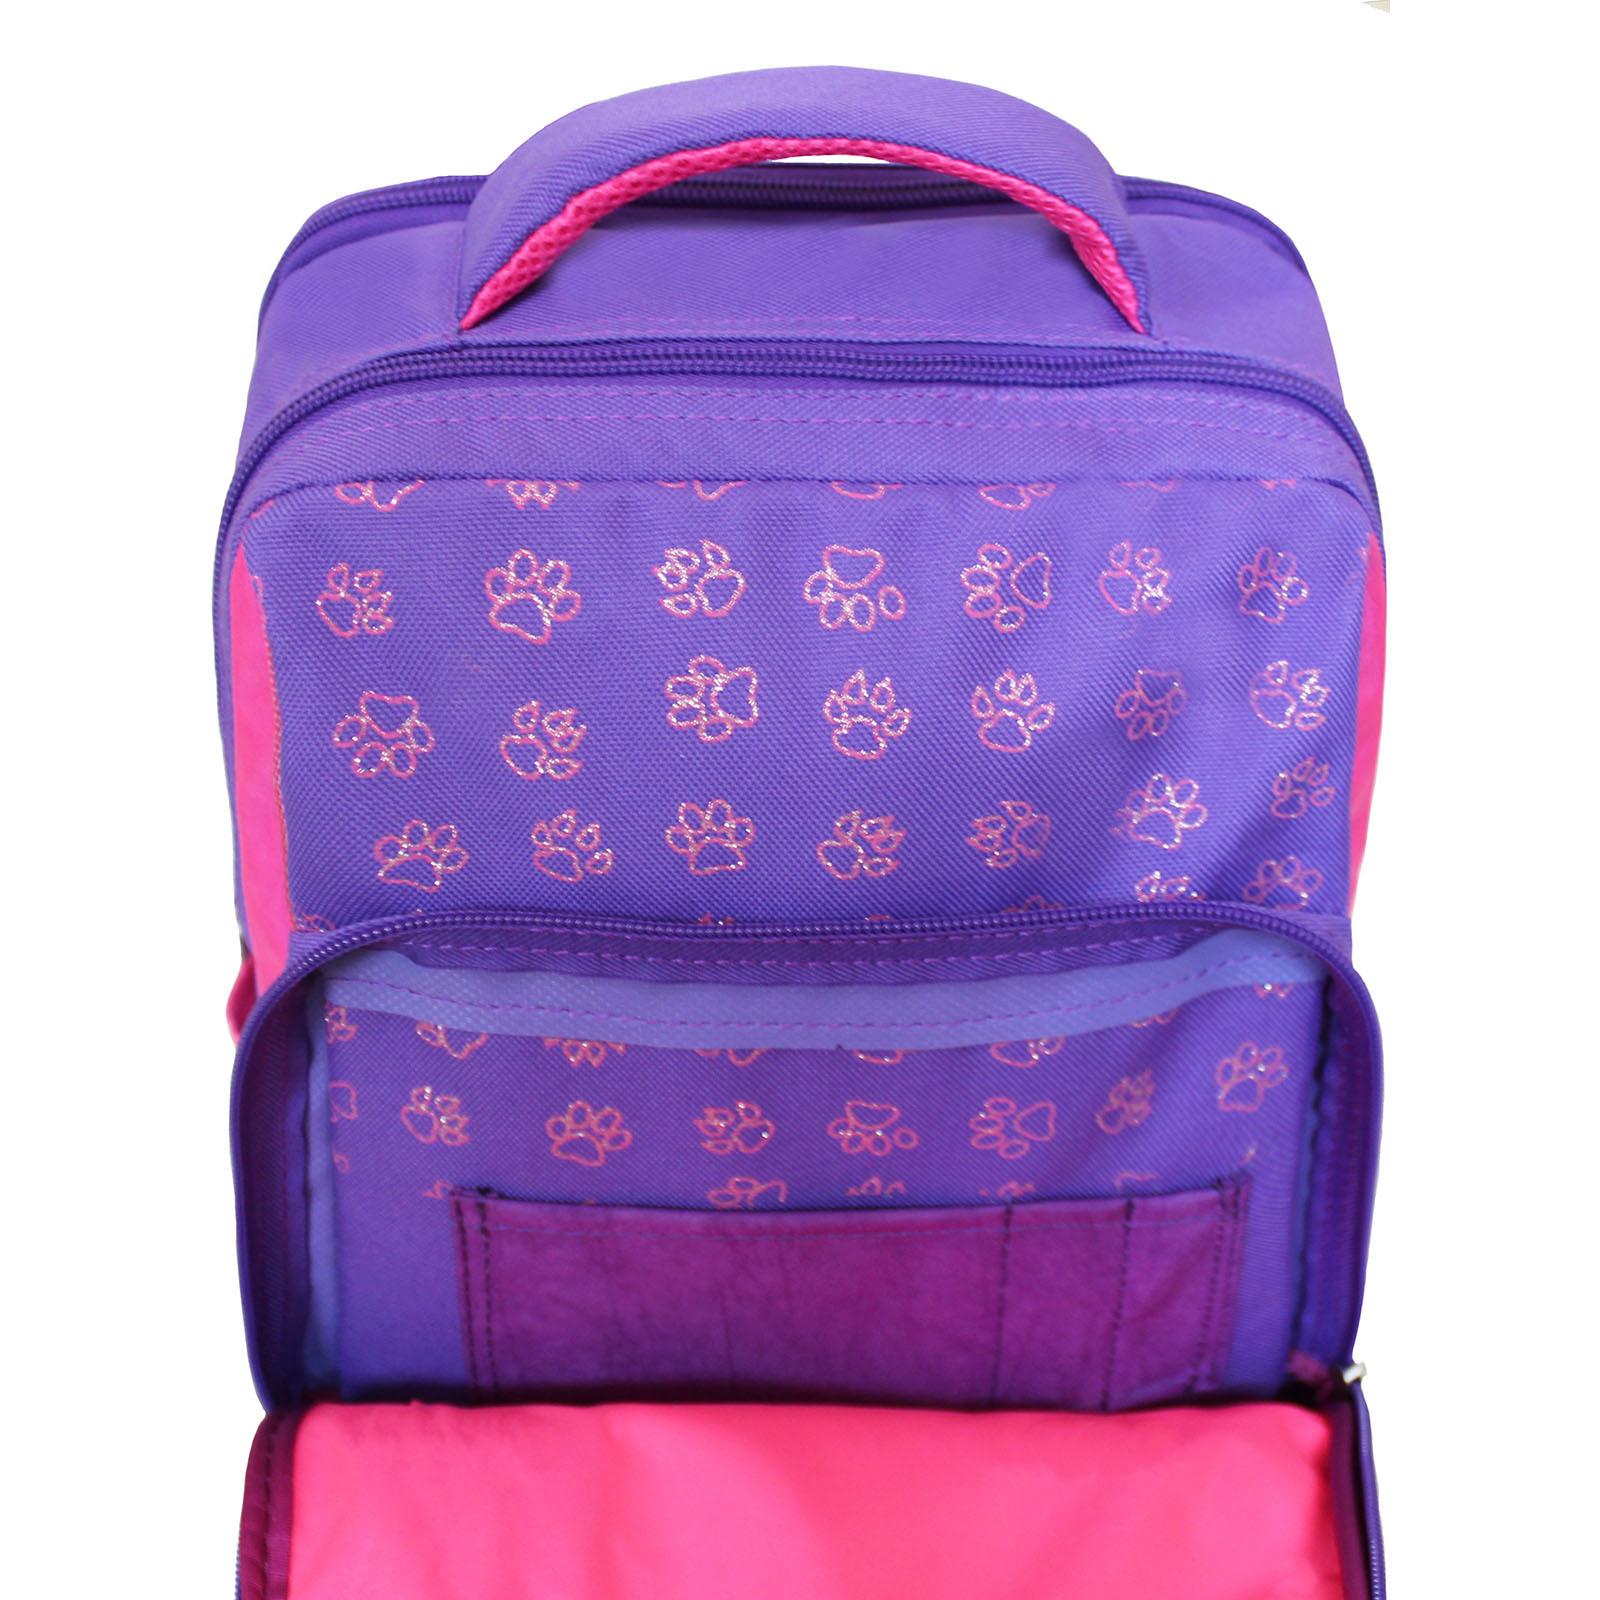 Рюкзак Bagland Школьник 8 л. фиолетовый 6д (00112662)